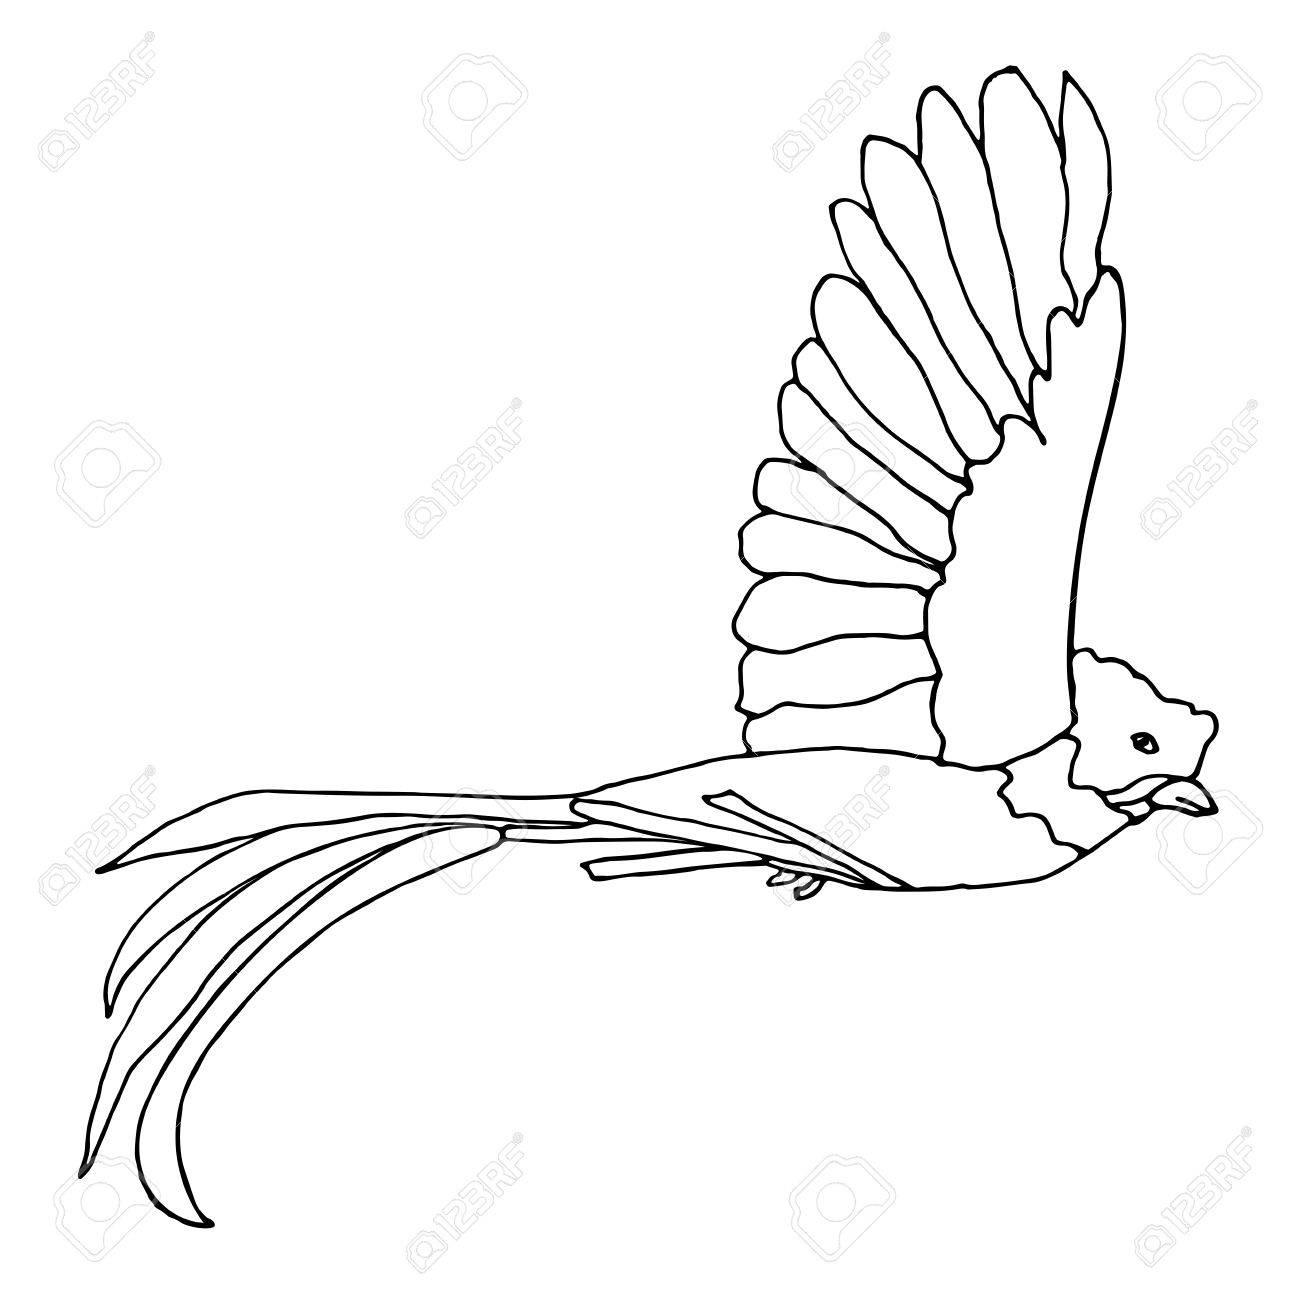 ケツァール鳥飛行。ベクトル ケツァール。手描きの白黒イラストです。